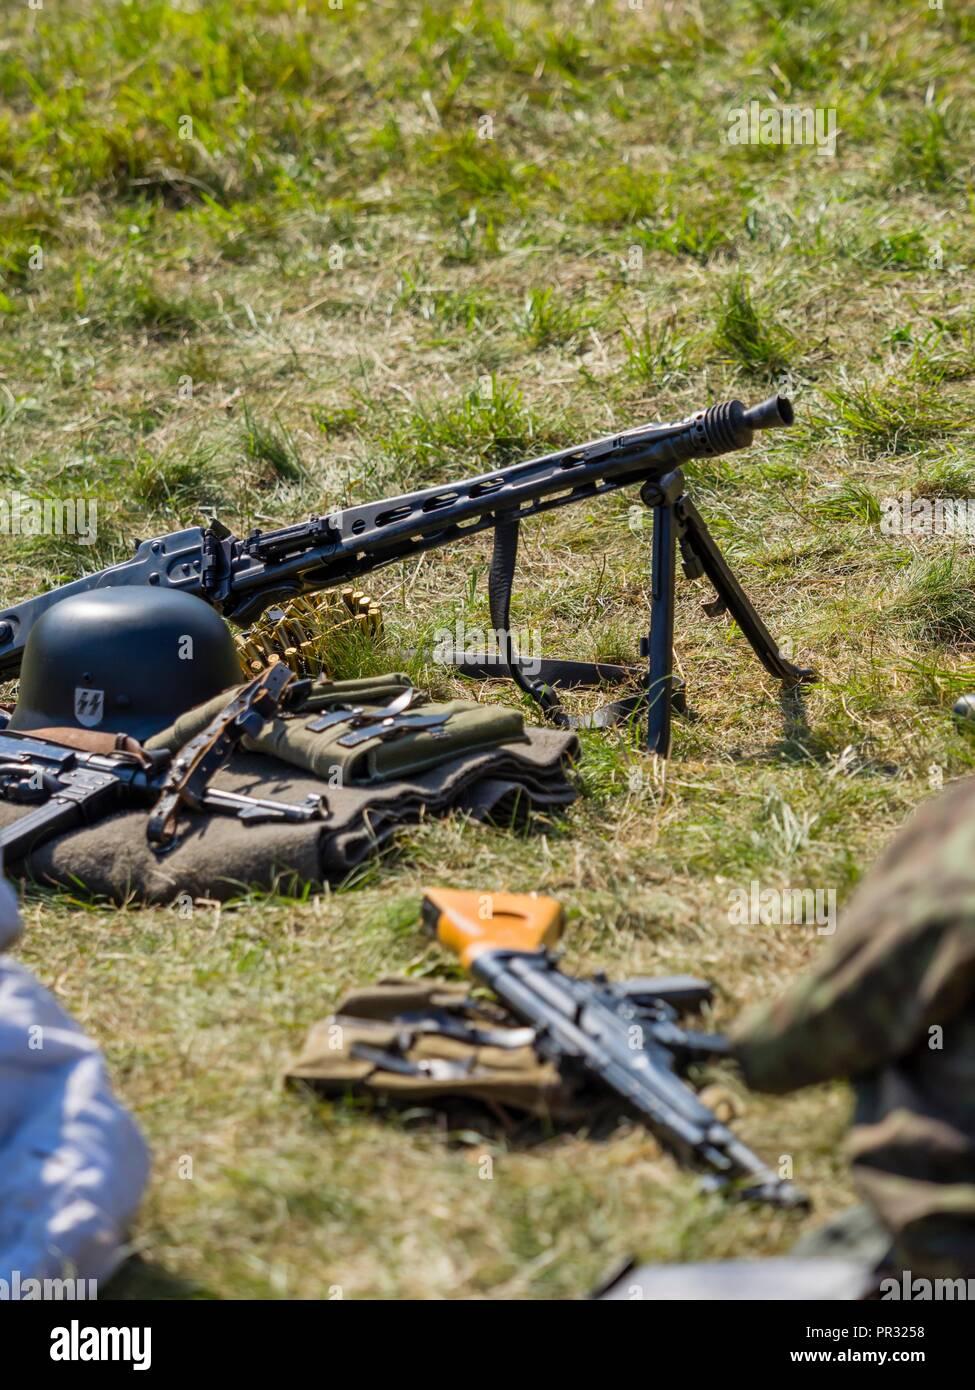 Mg42 Machine Gun Stock Photos & Mg42 Machine Gun Stock Images - Alamy